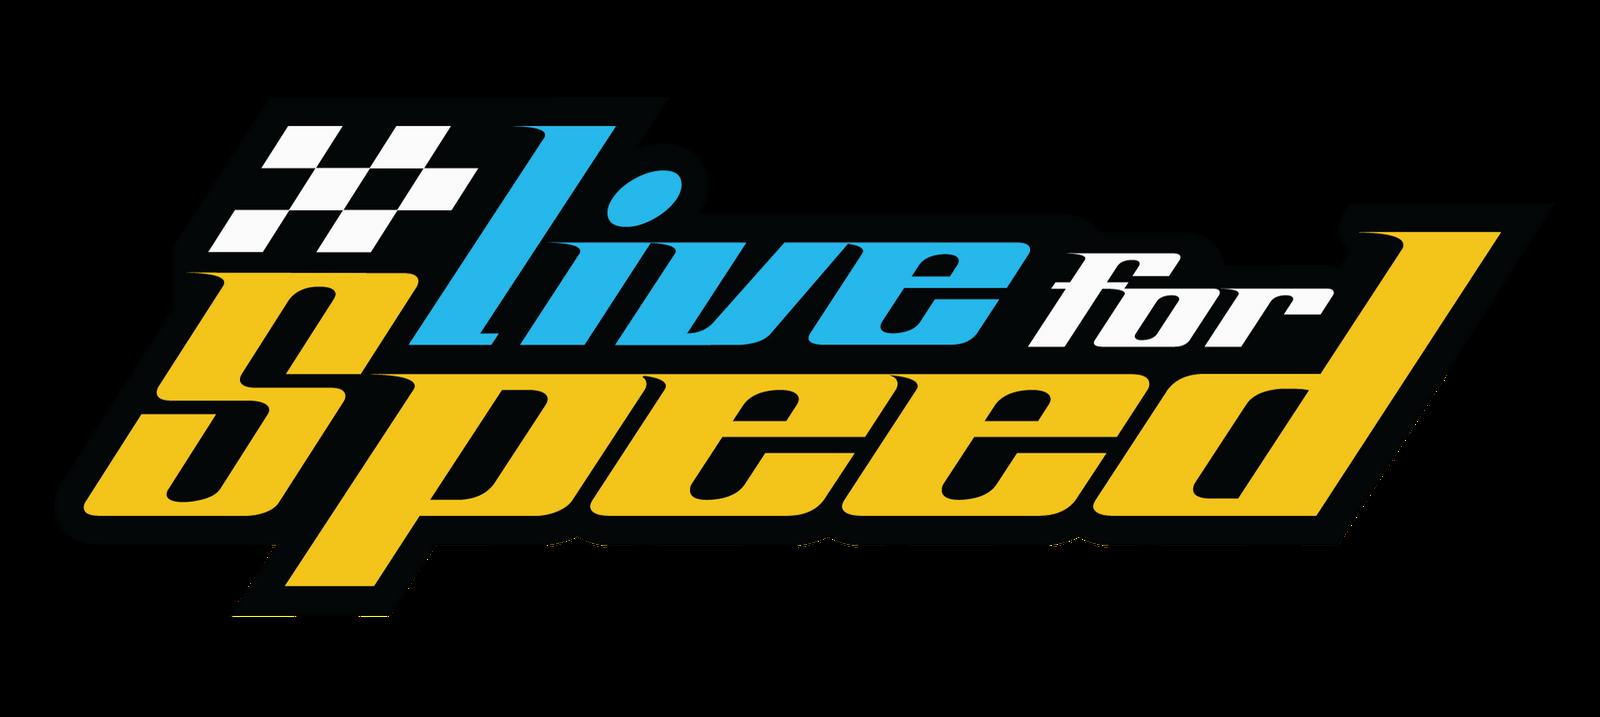 Resultado de imagem para live for speed logo